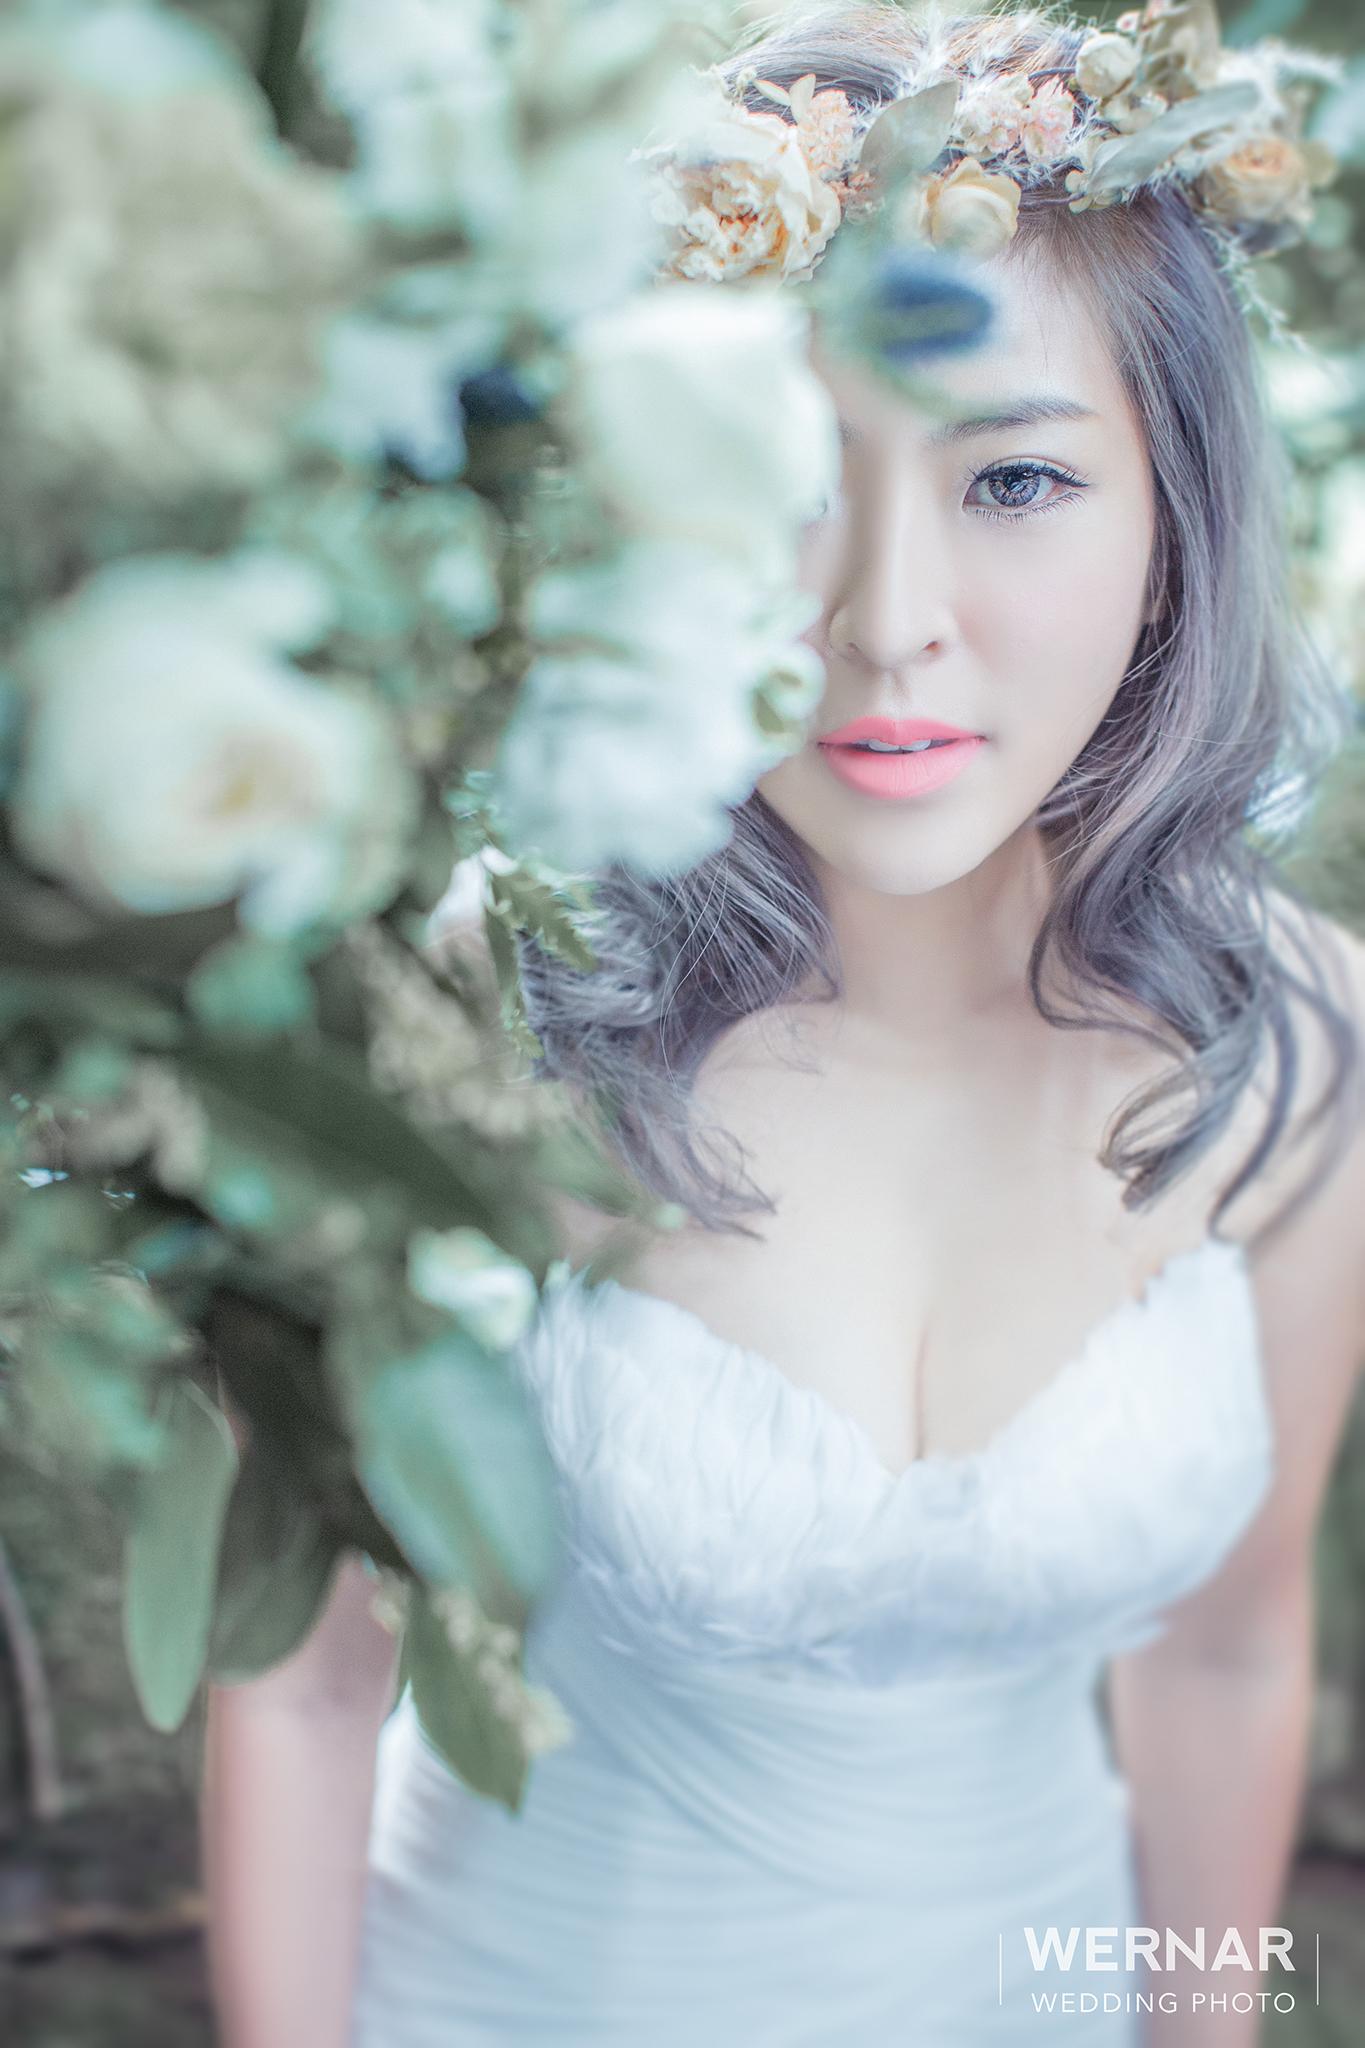 台中婚紗推薦,婚紗攝影,自主婚紗,婚紗照